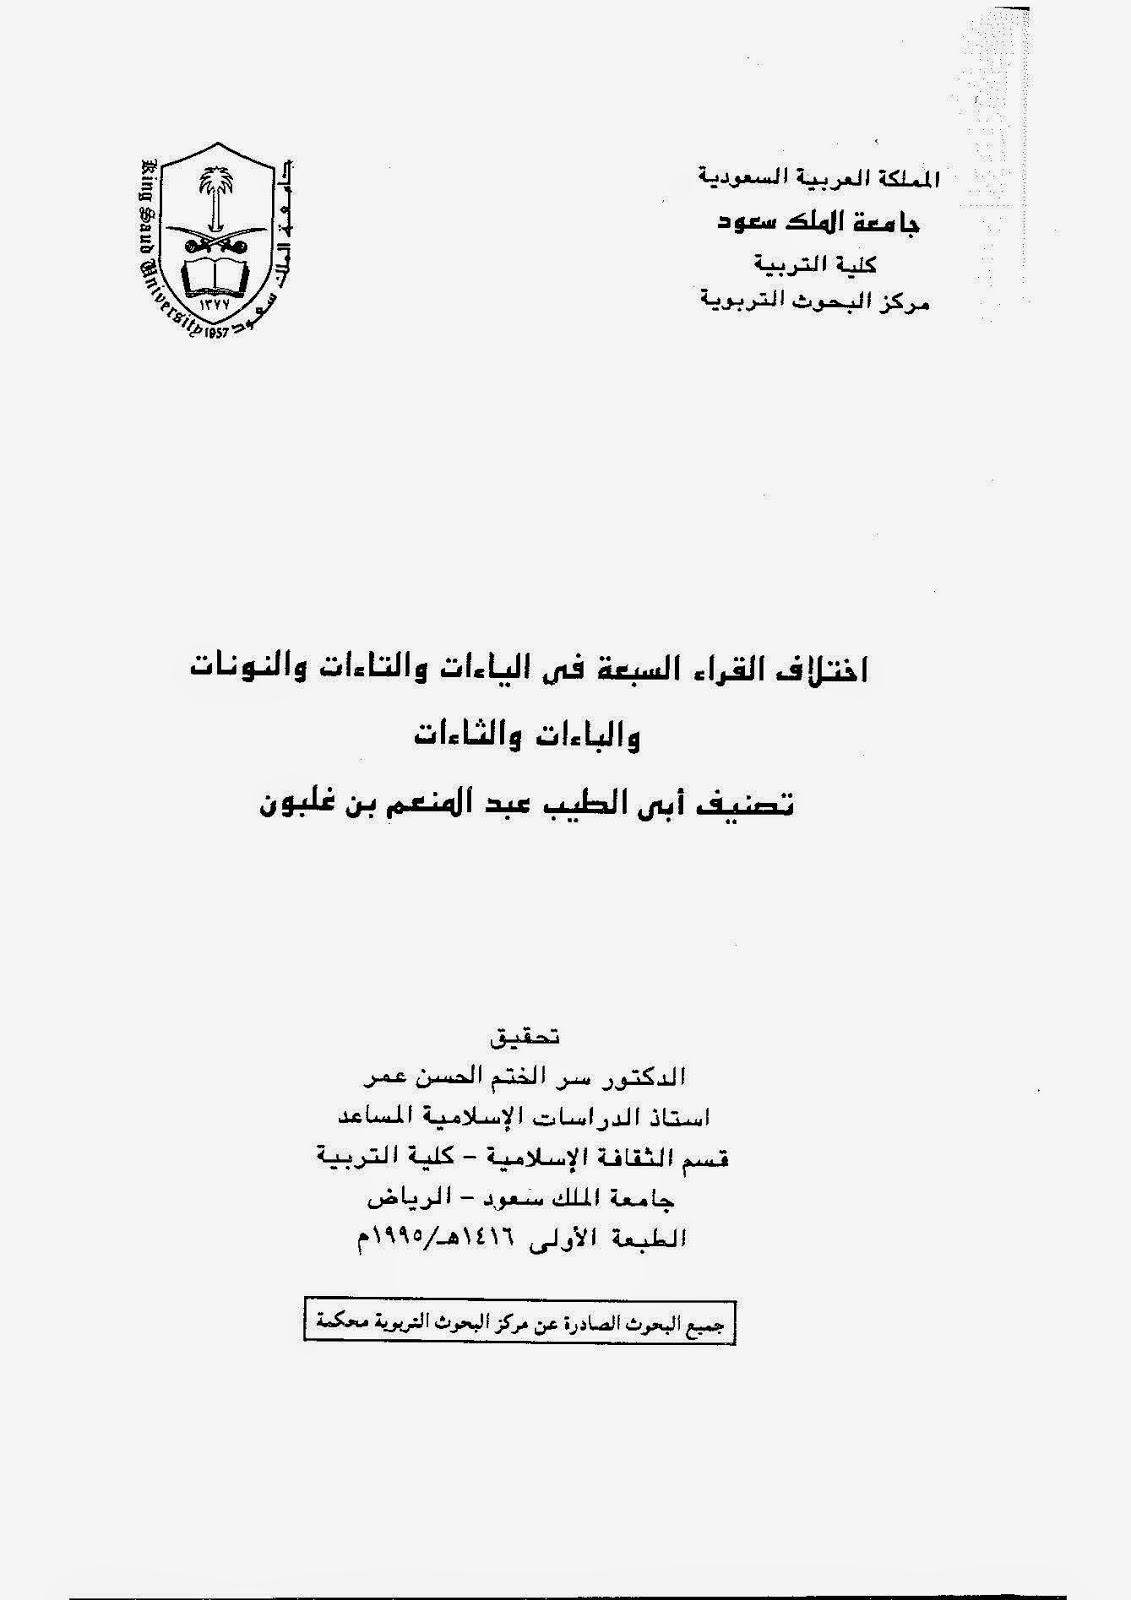 اختلاف القراء السبعة في الياءات والتاءات والنونات والباءات والثاءات - أبي الطيب عبد المنعم بن غلبون pdf